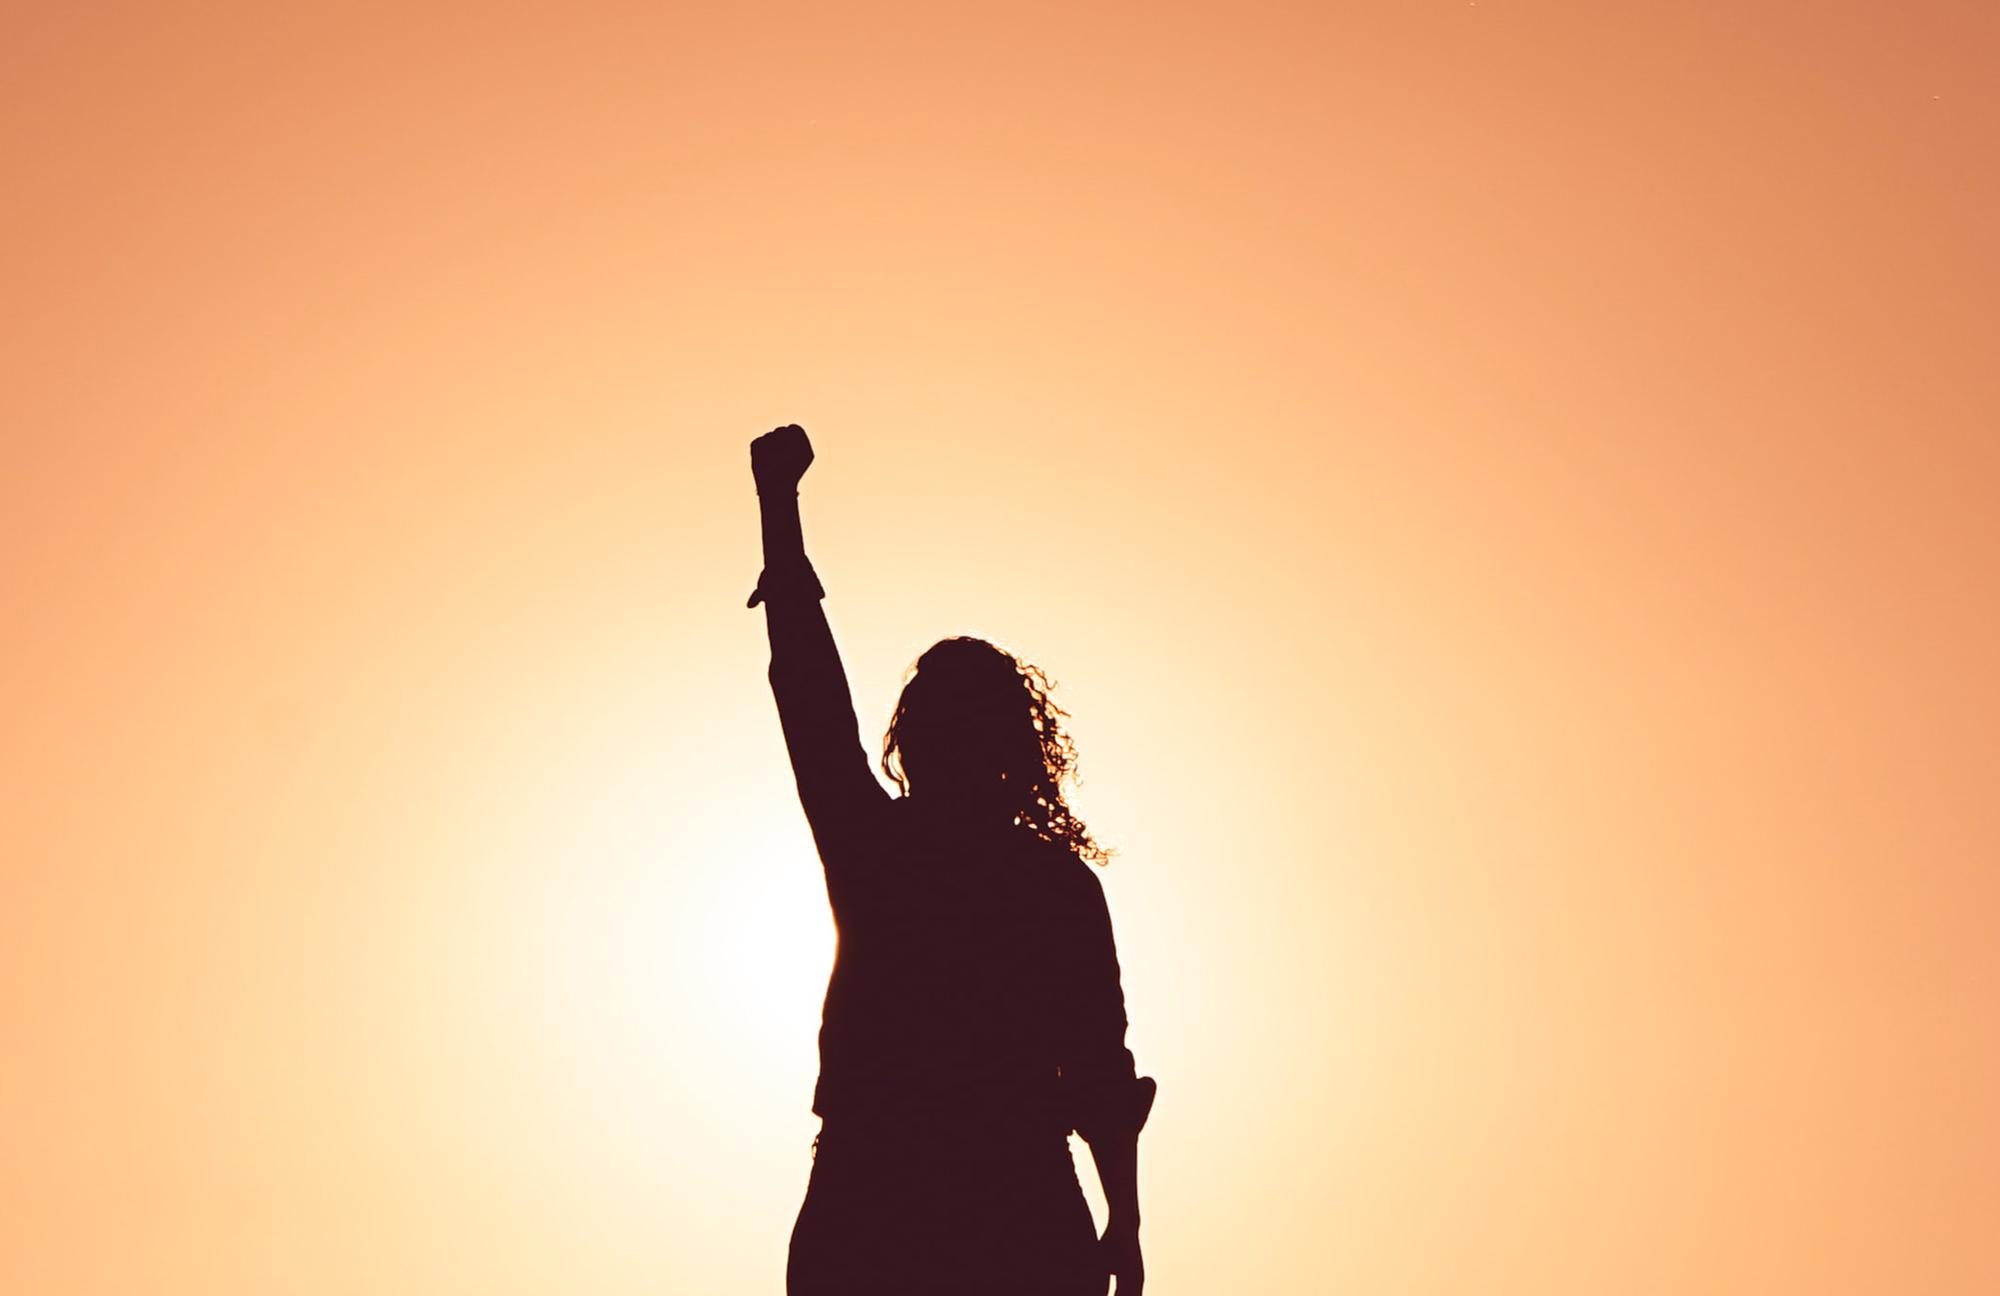 Bild: Person mit Power